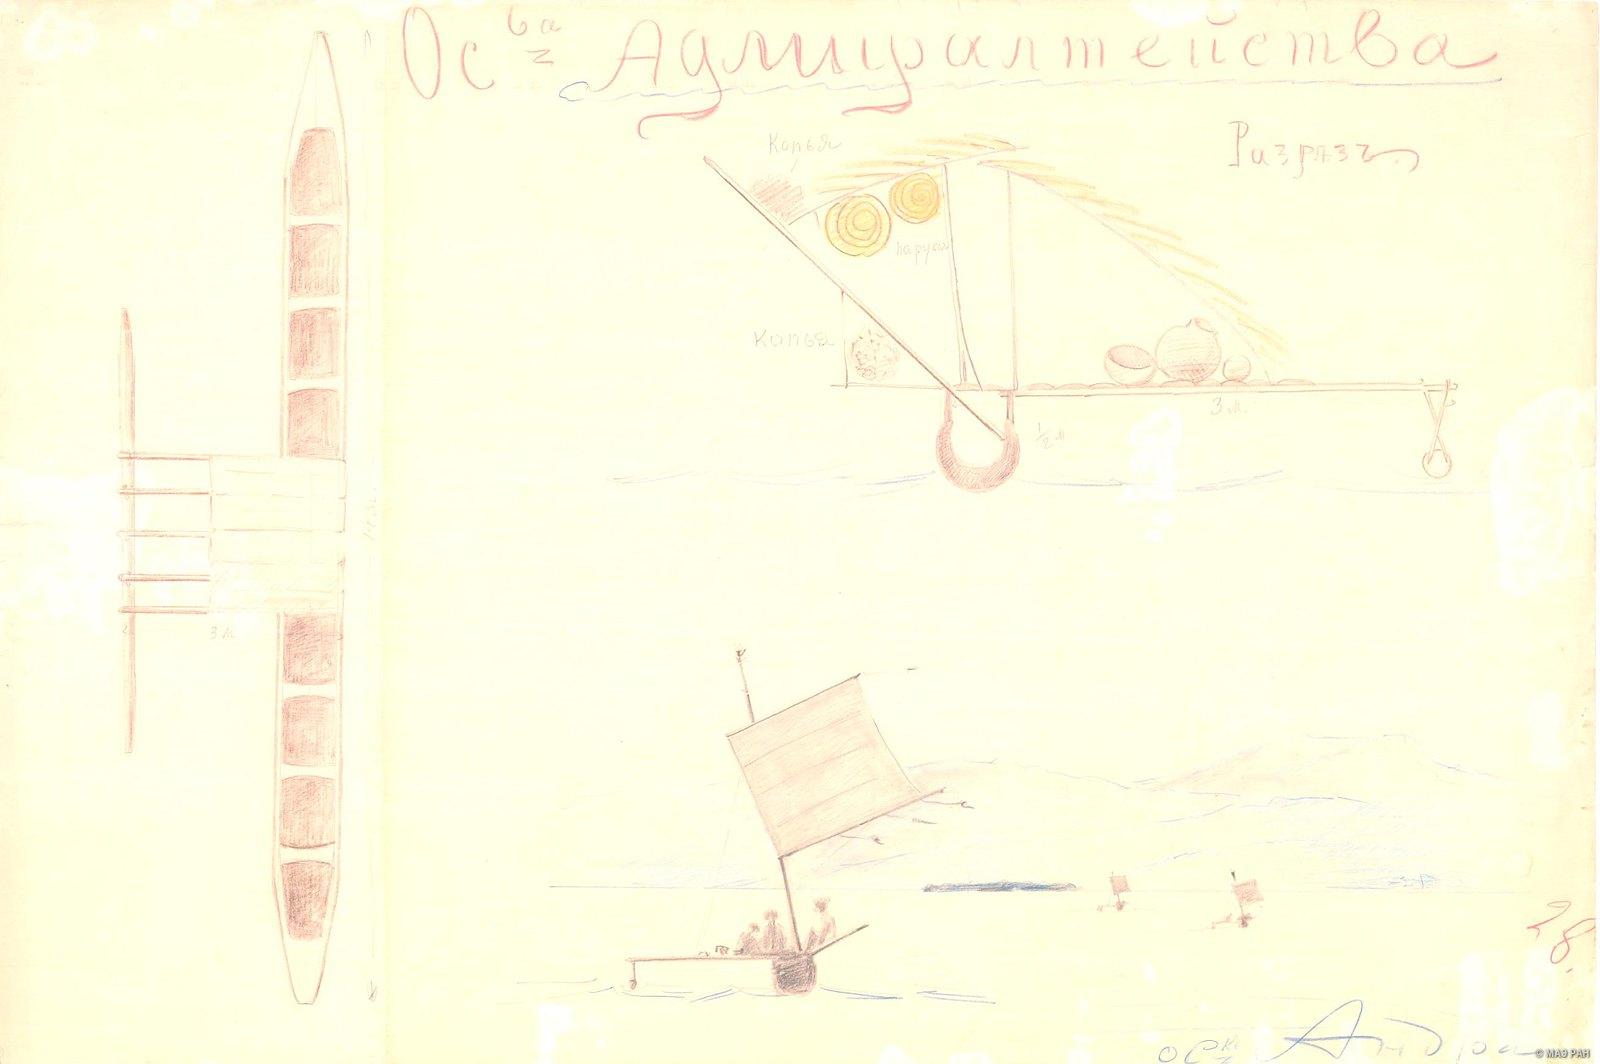 1880-е. Рисунок и чертеж лодки с балансиром. Меланезийцы. Папуа - Новая Гвинея